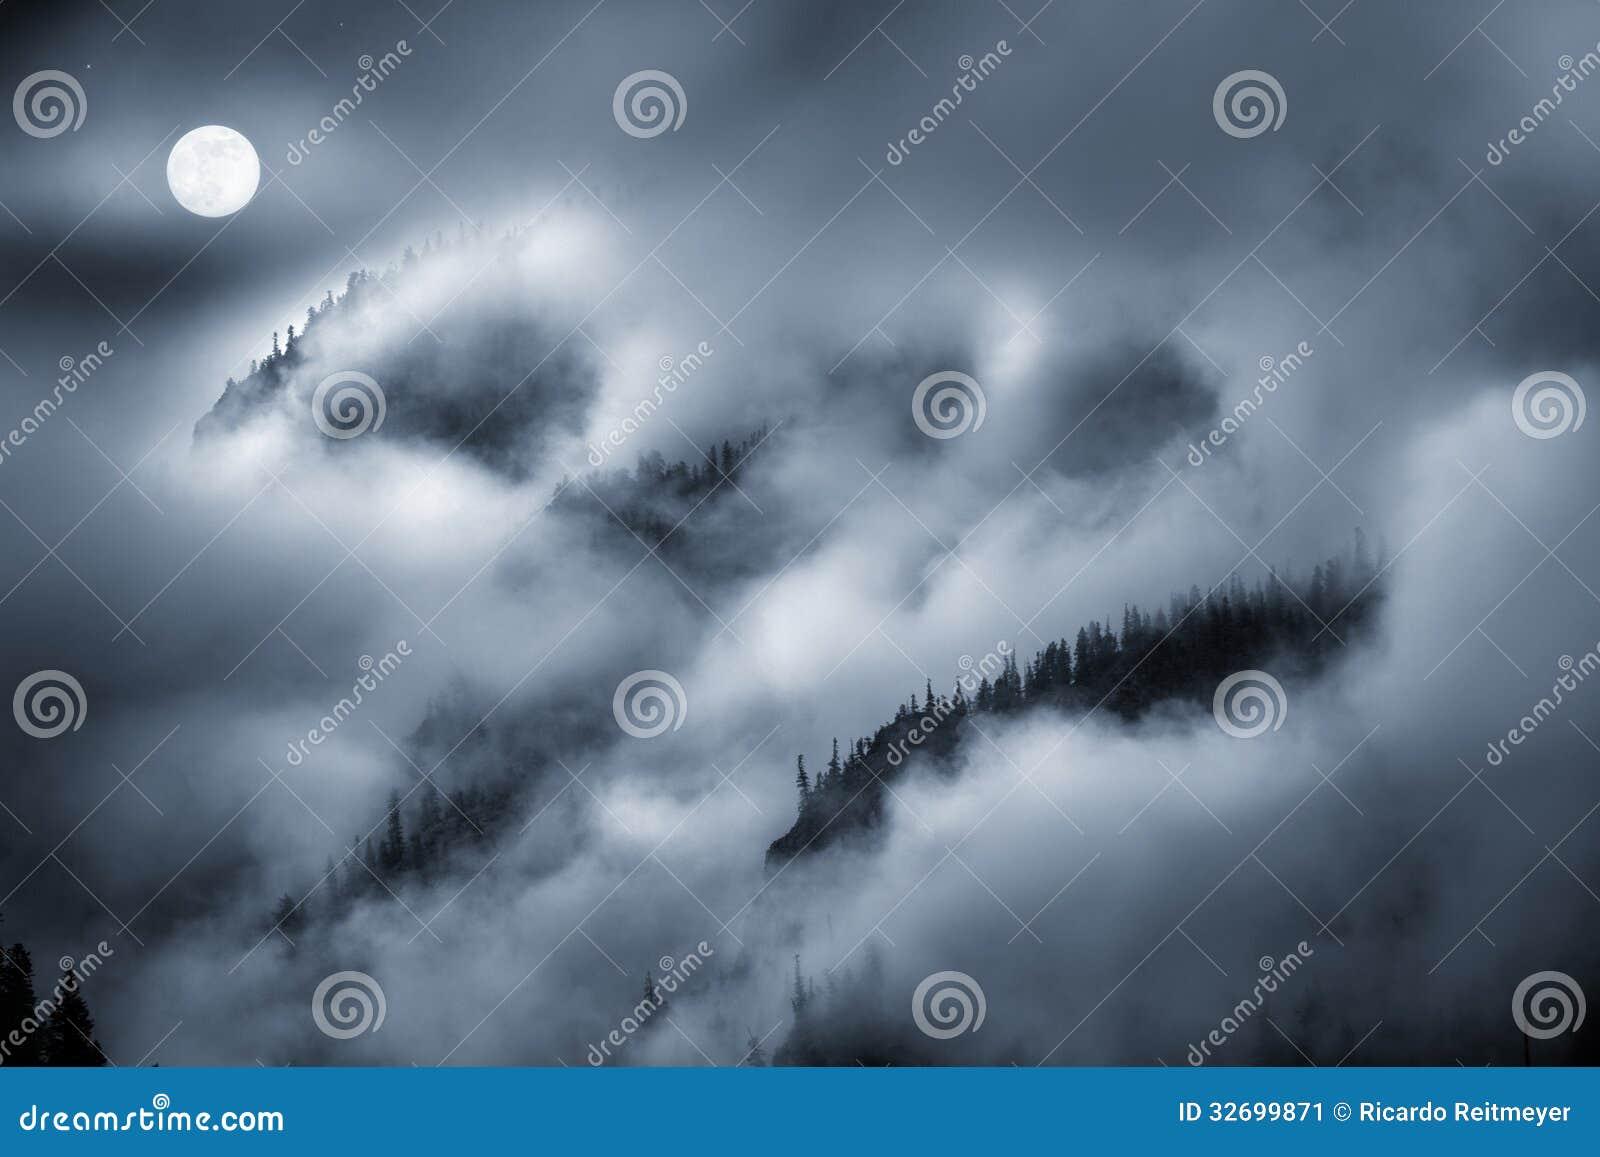 La vista di notte di nebbia ha coperto la montagna accesa dalla luna piena